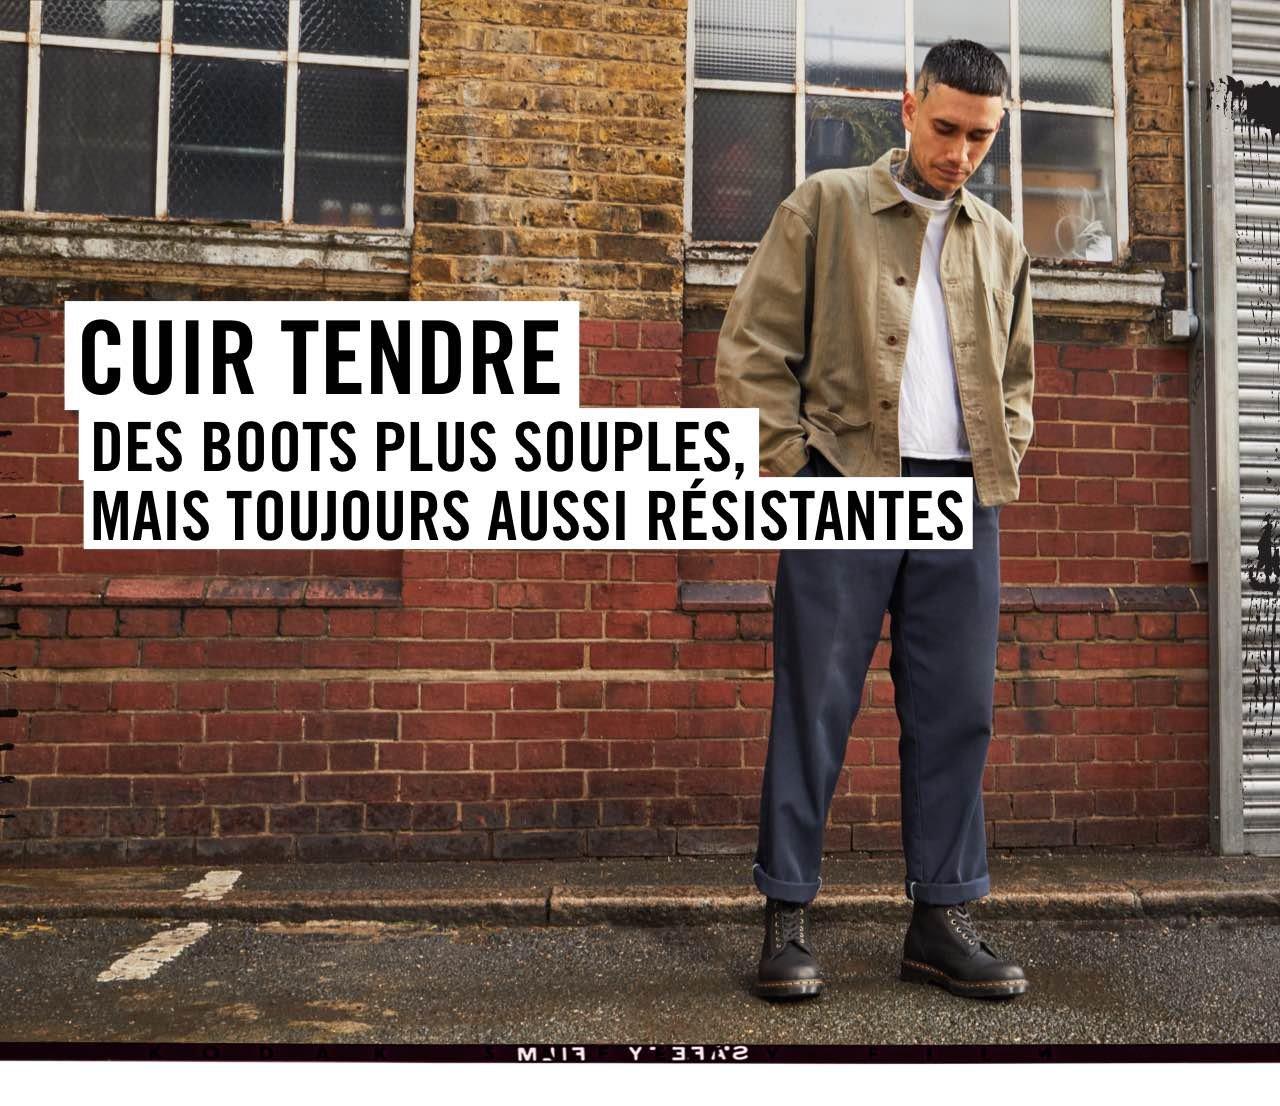 CUIR TENDRE: DES BOOTS PLUS SOUPLES, MAIS TOUJOURS AUSSI RÉSISTANTES